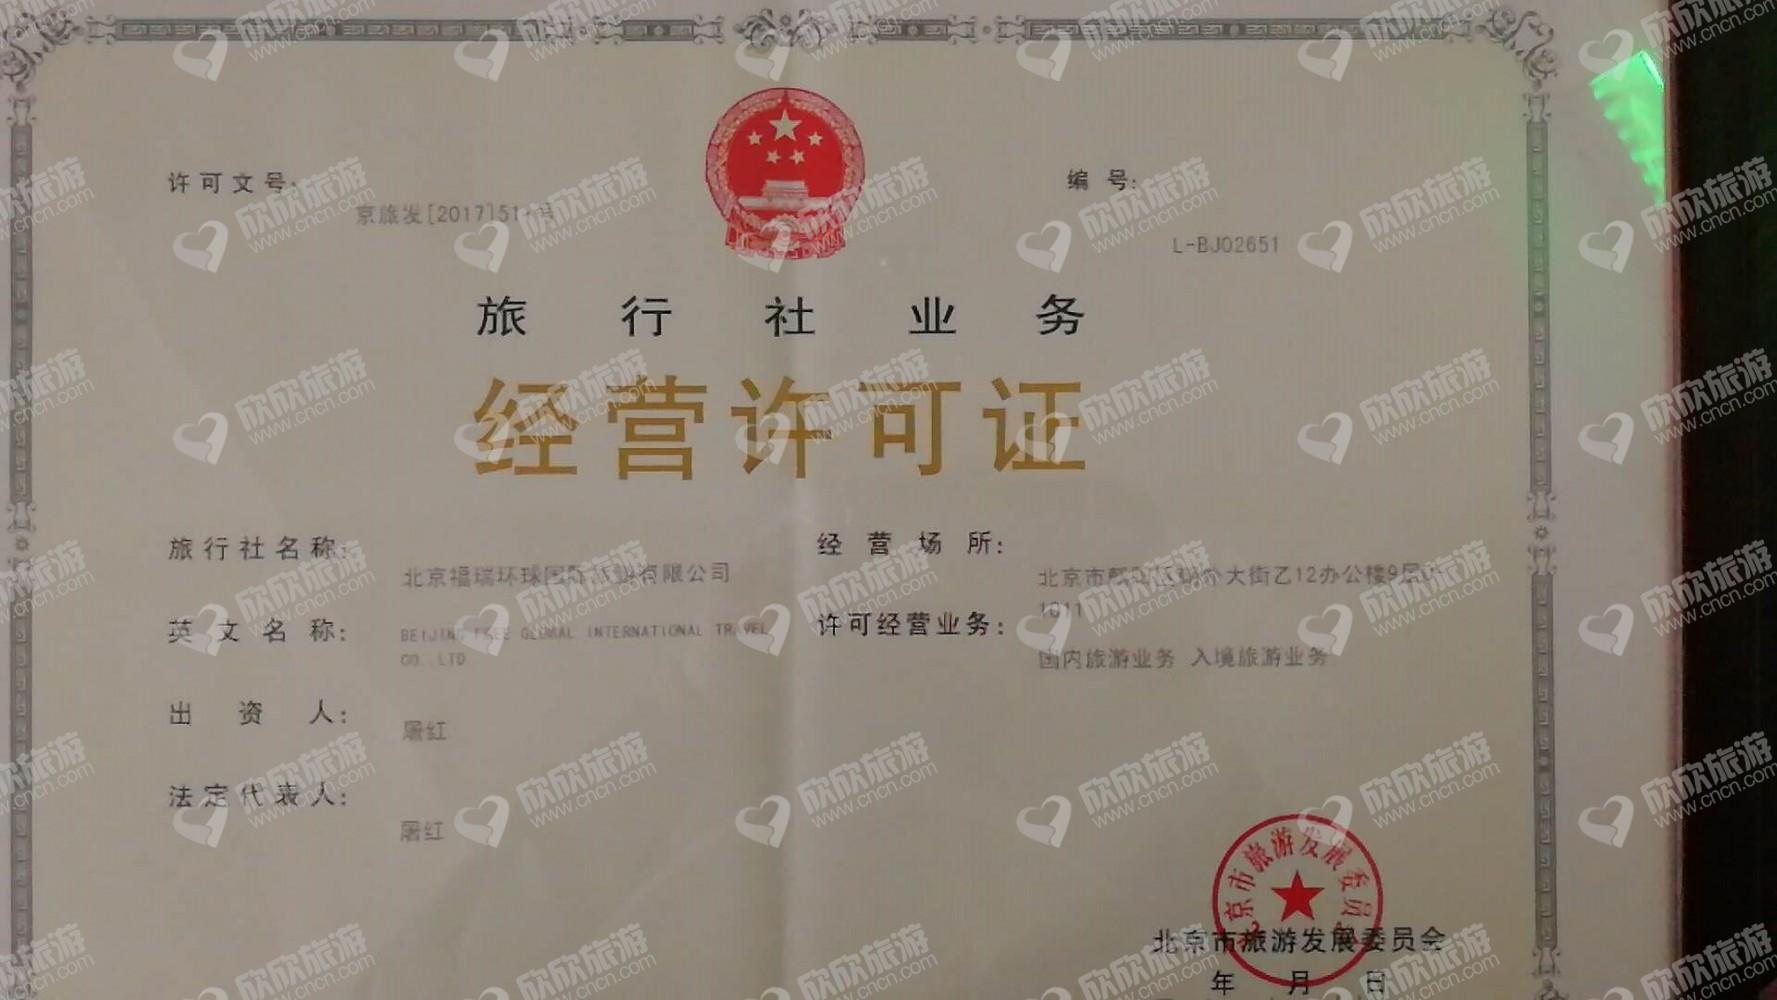 北京福瑞环球国际旅游有限公司经营许可证